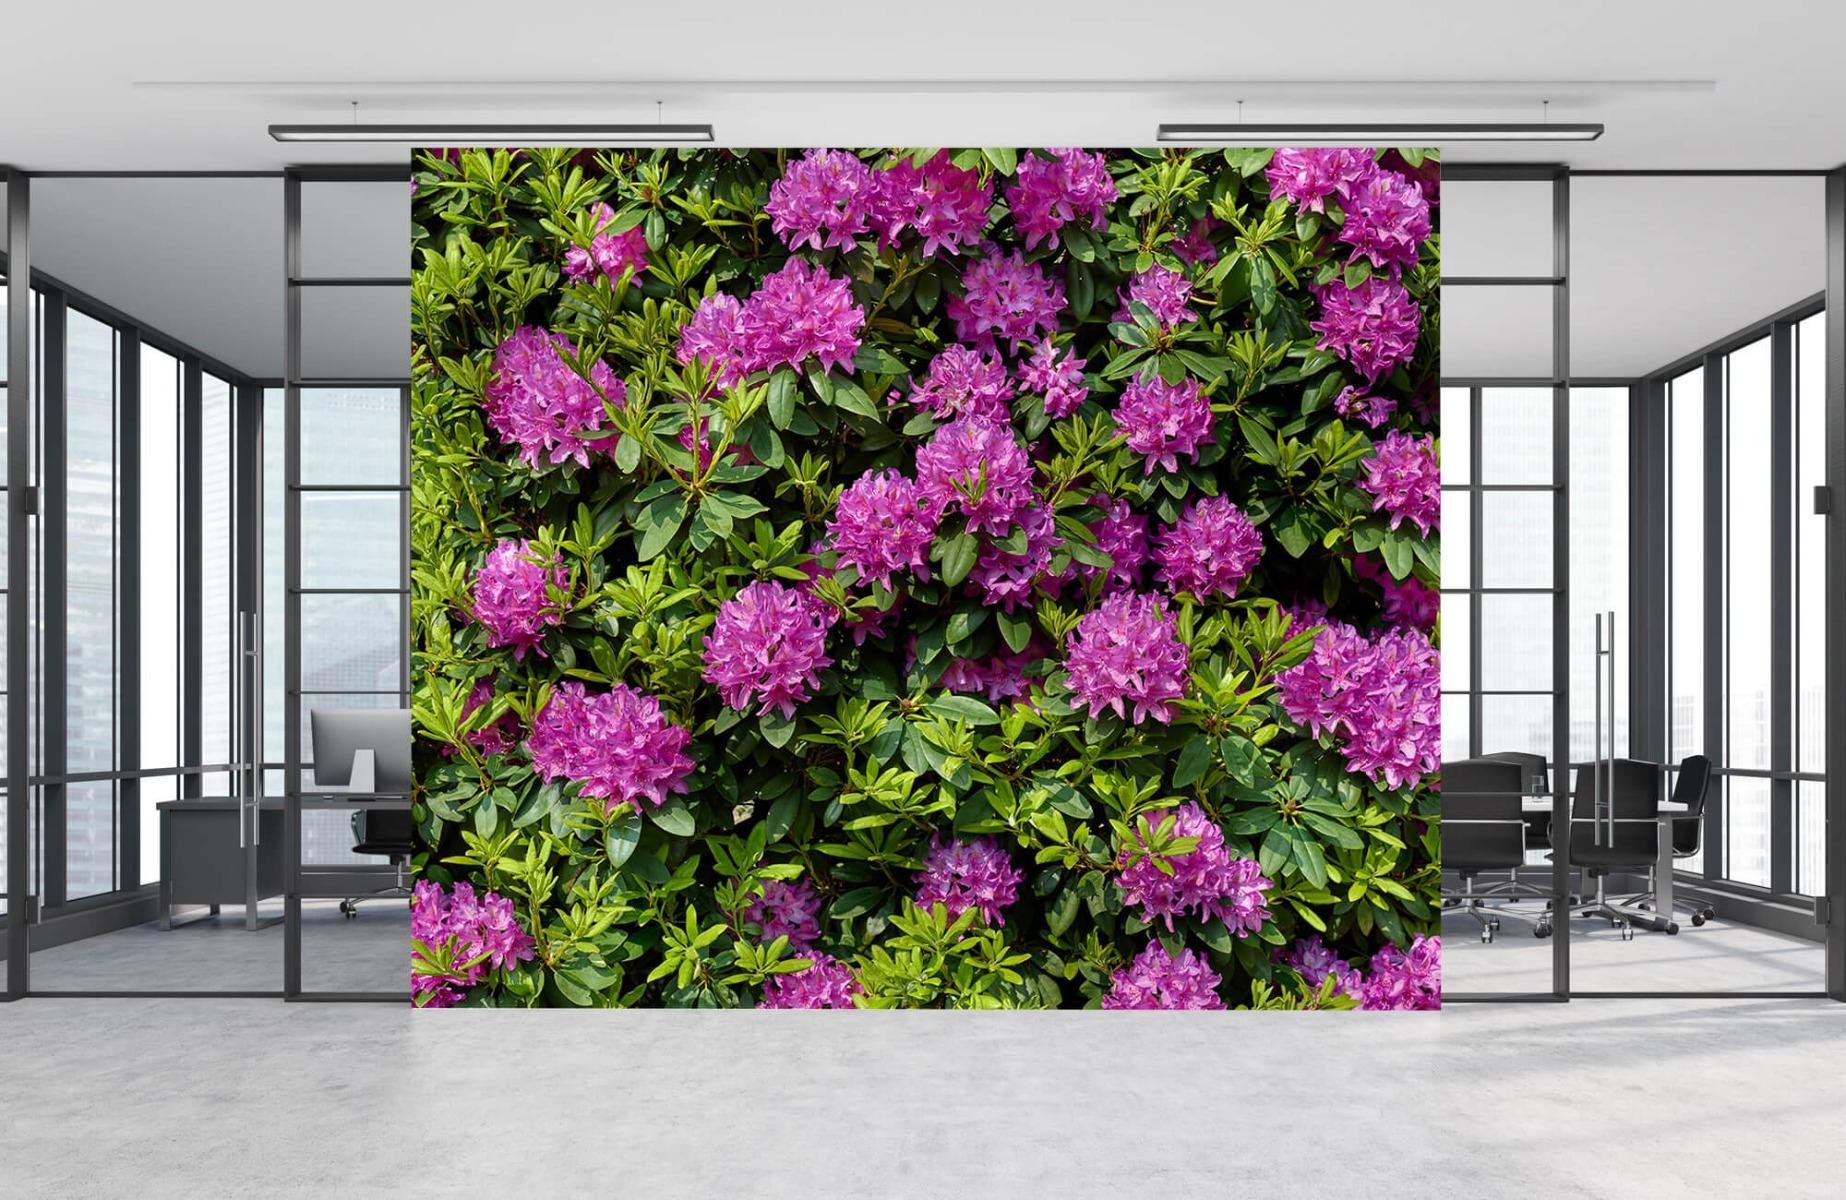 Bloemenvelden - Rododendrons - Wallexclusive - Slaapkamer 9